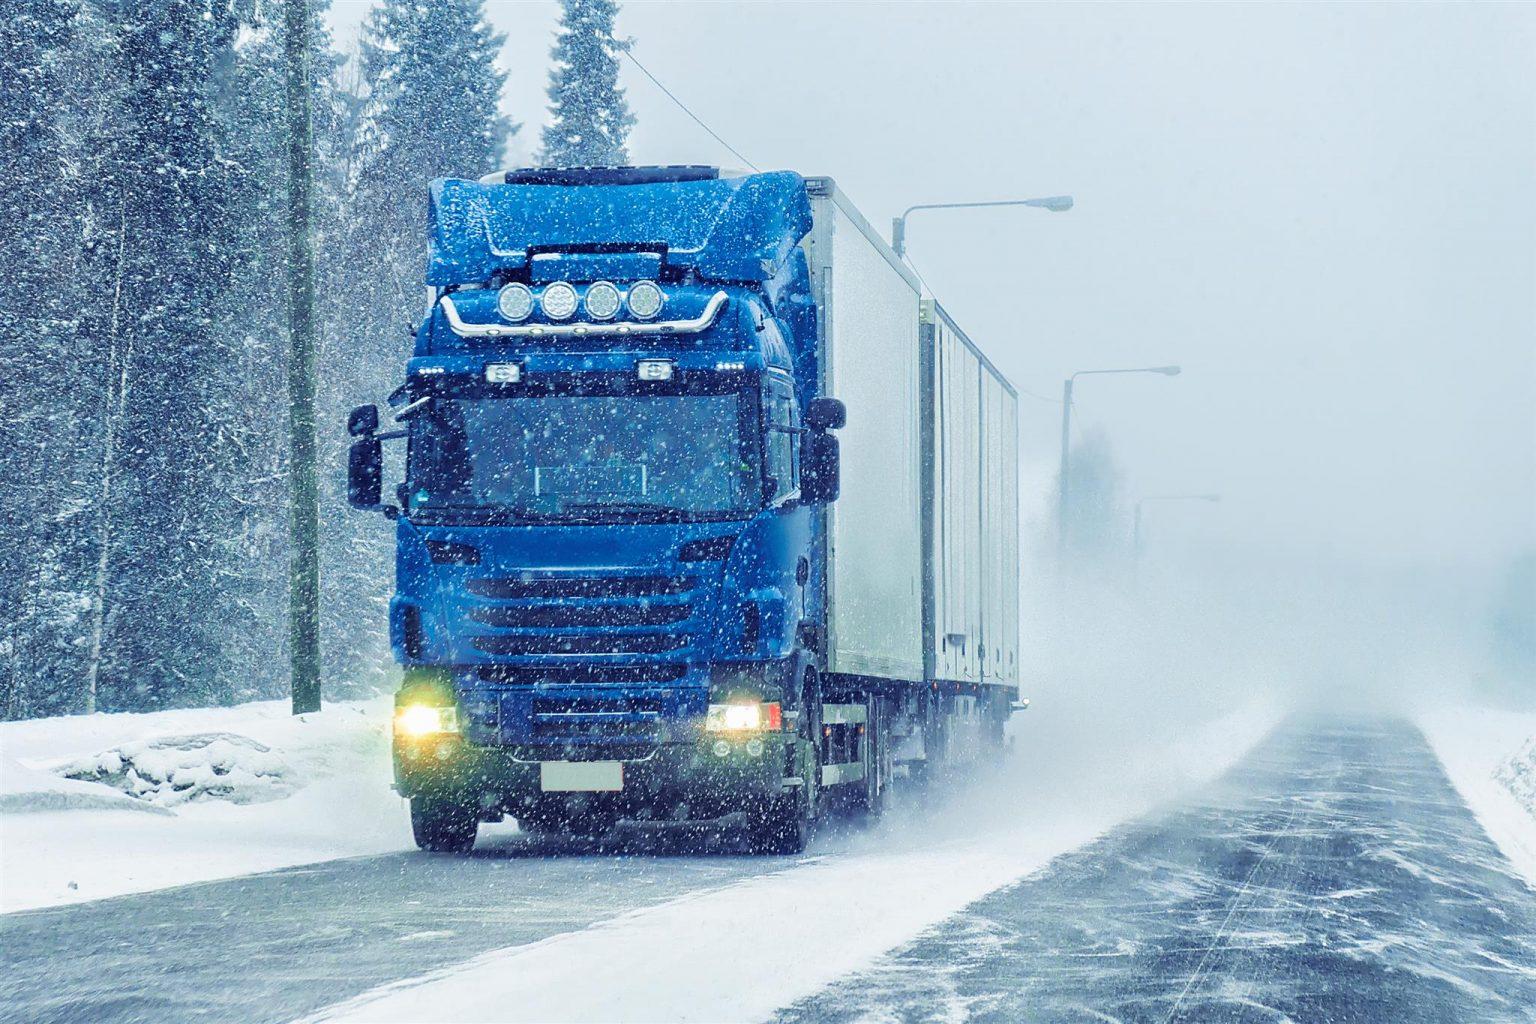 Verkeersschool Paul Truck Vrachtauto Winter Winterbanden